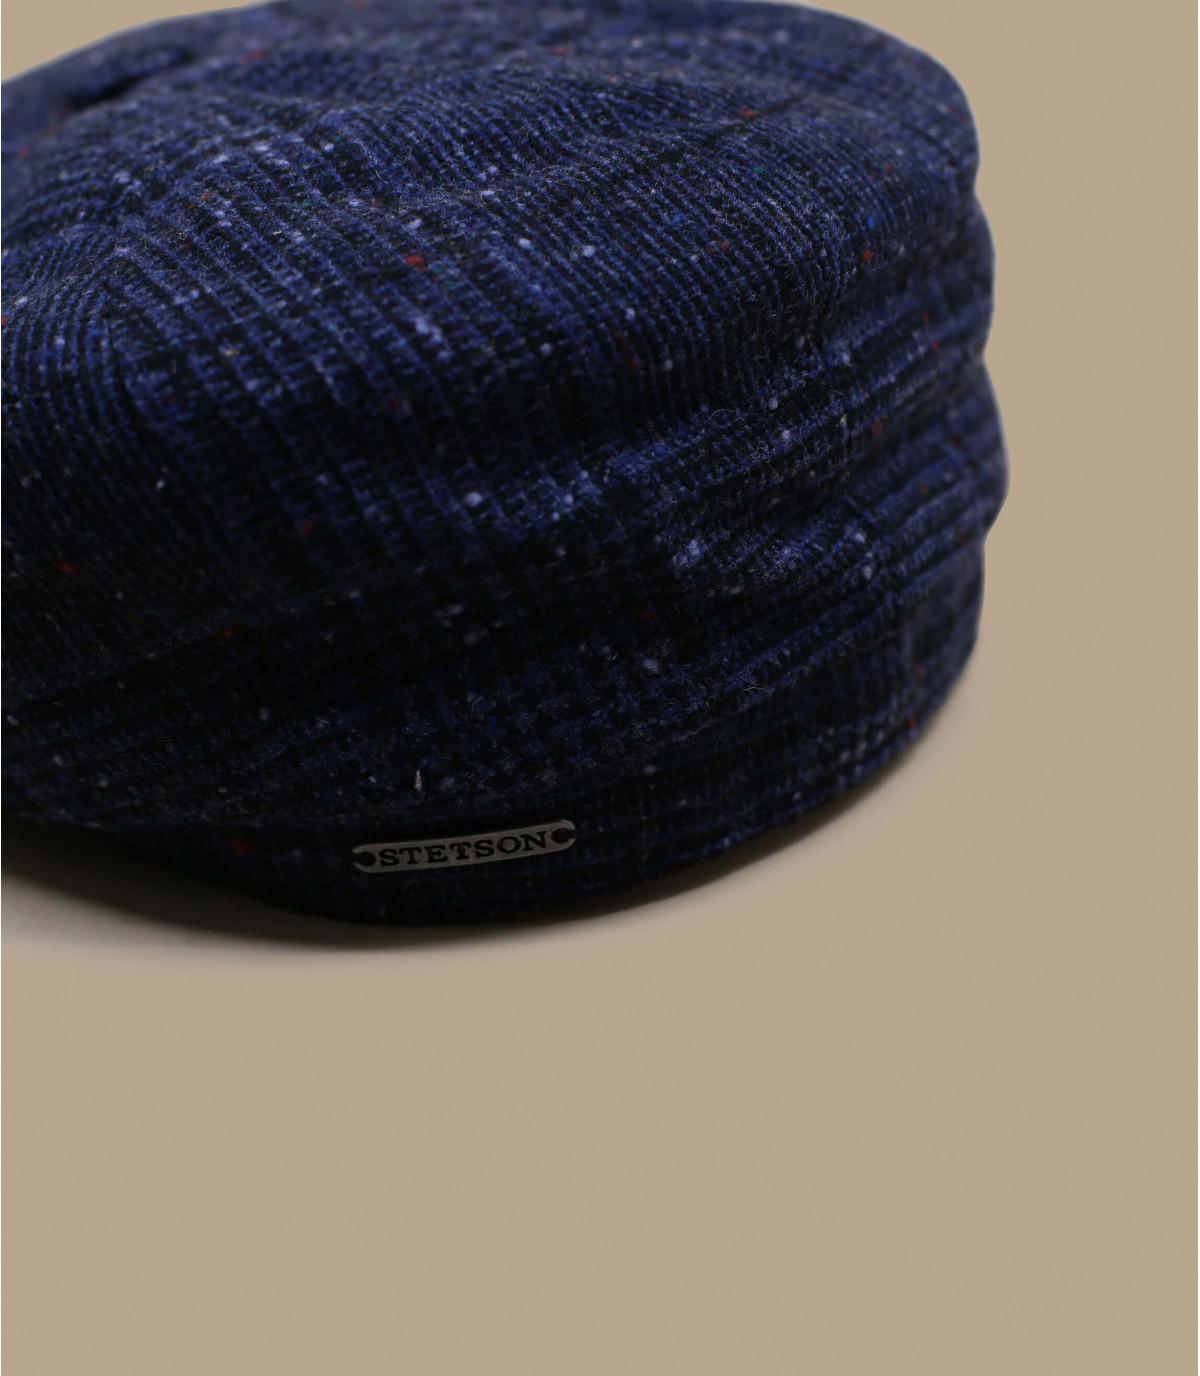 Détails Hatteras Wool blue check - image 2